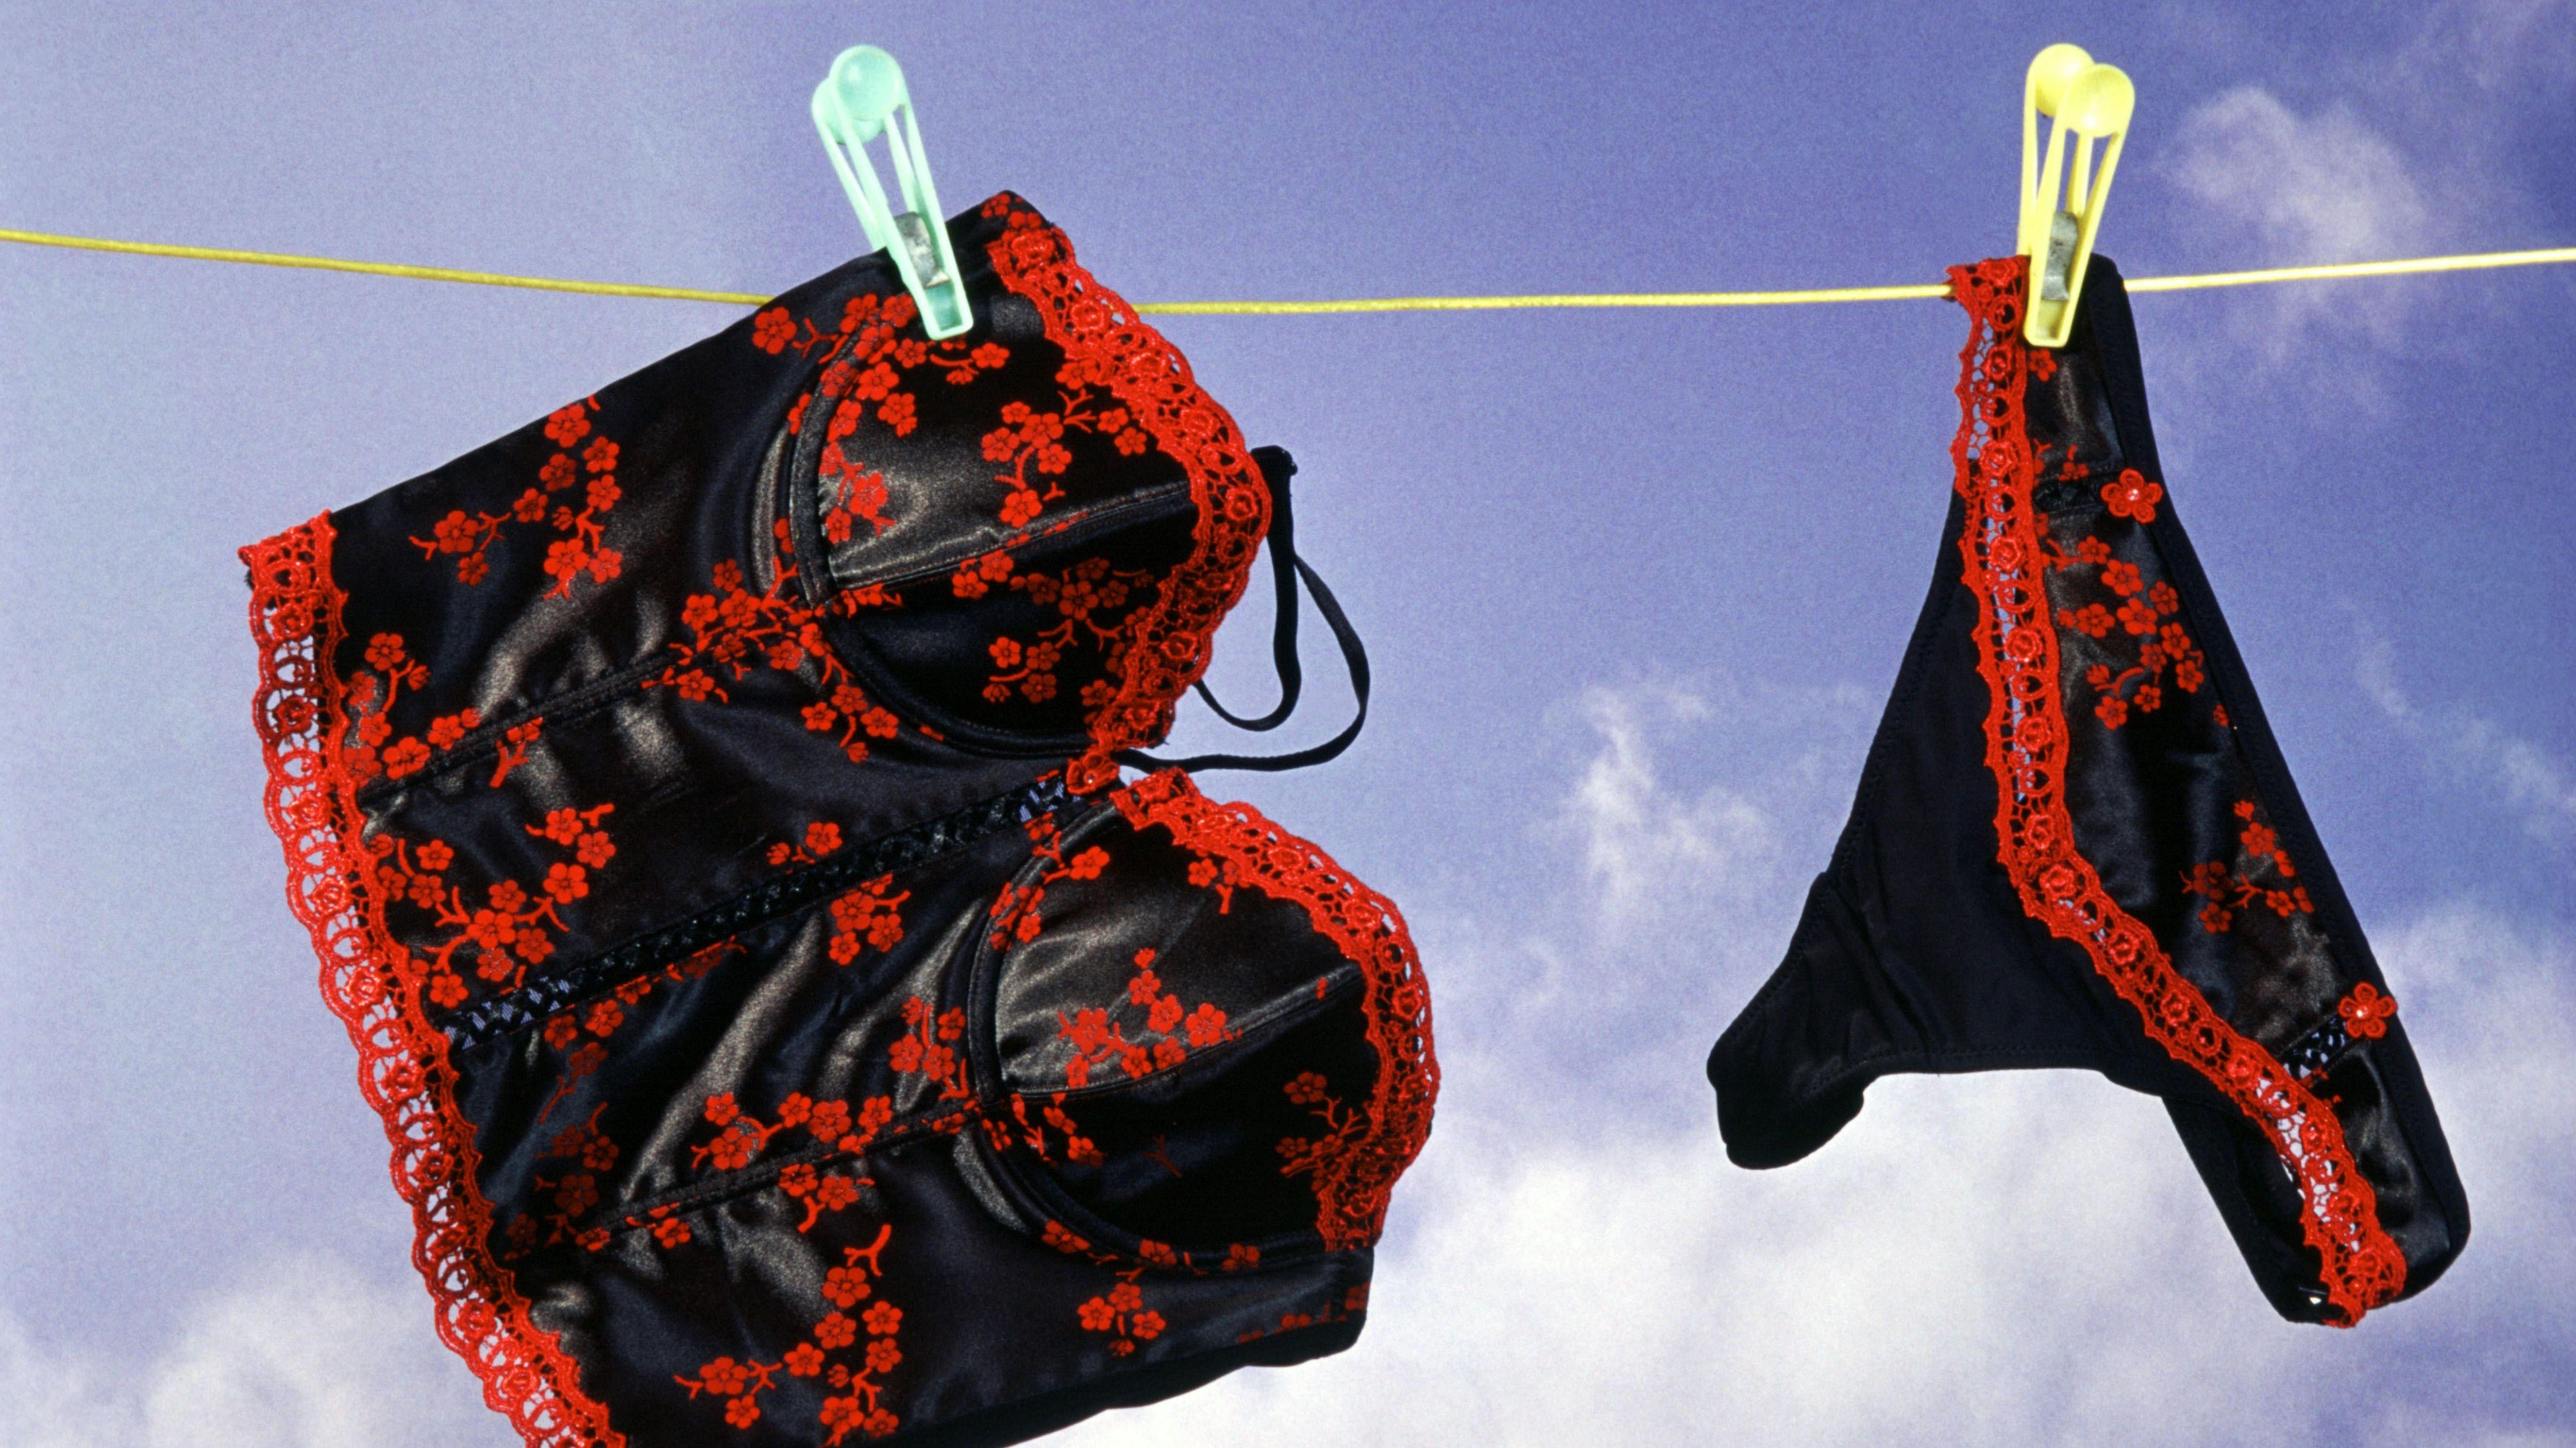 Mann in Damenunterwäsche sorgt für Verunsicherung (Symbolbild)